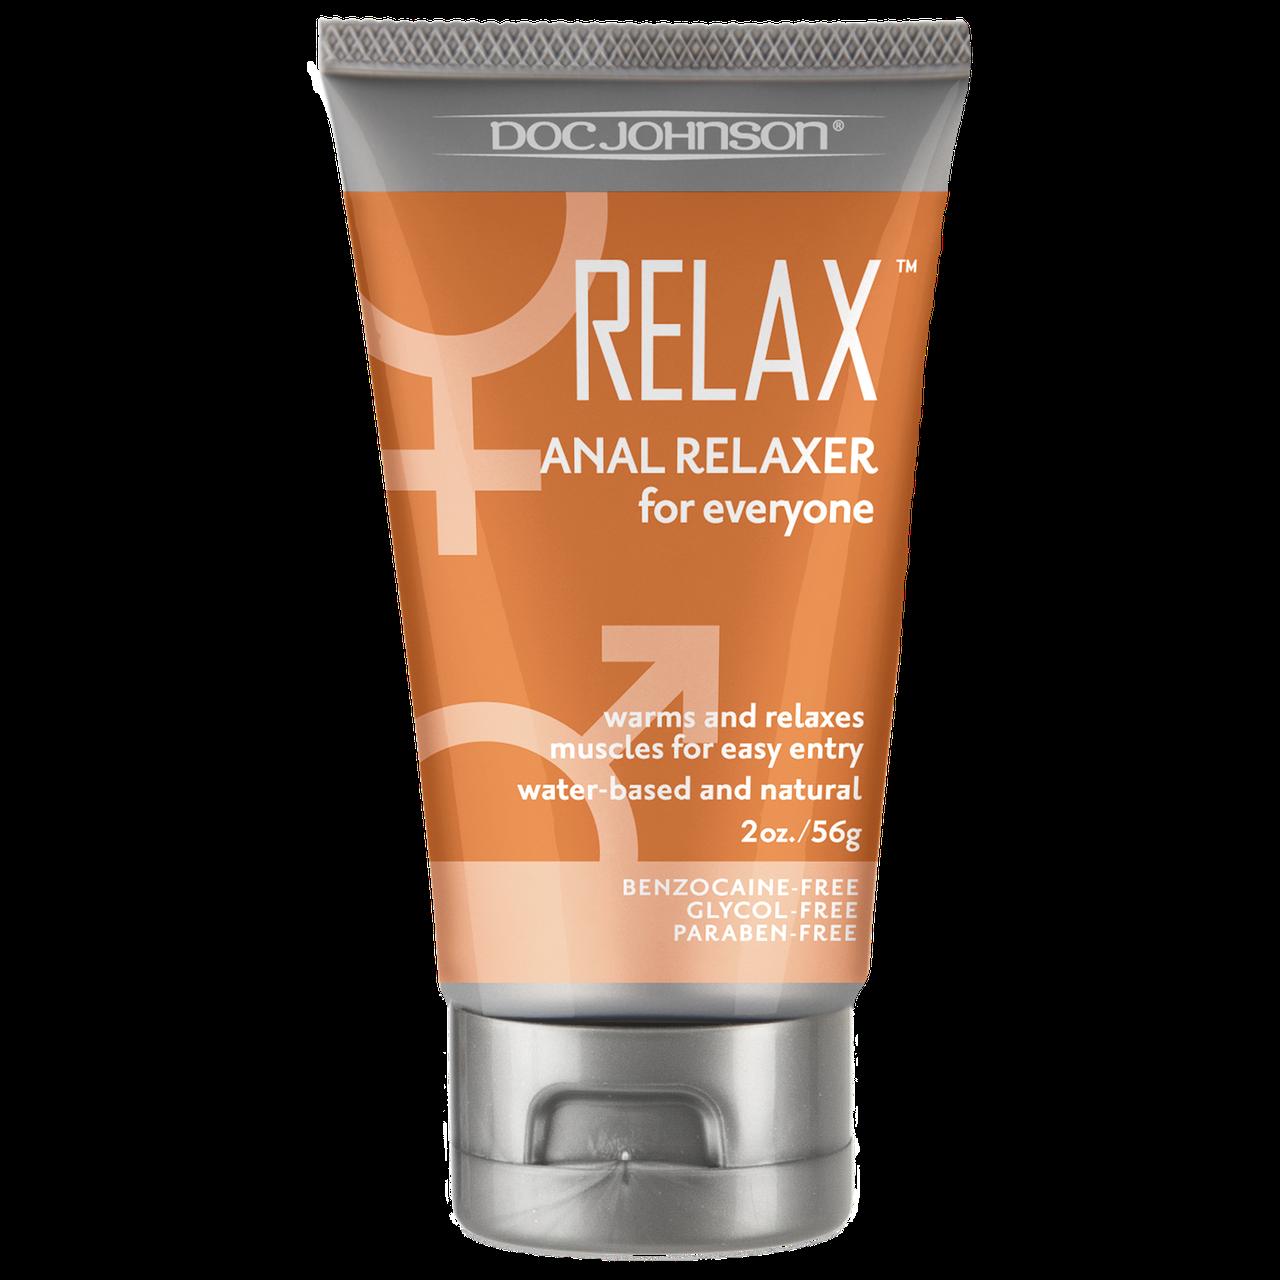 Розслабляючий і розігріваючий гель для анального сексу Doc Johnson RELAX Anal Relaxer (56 гр)